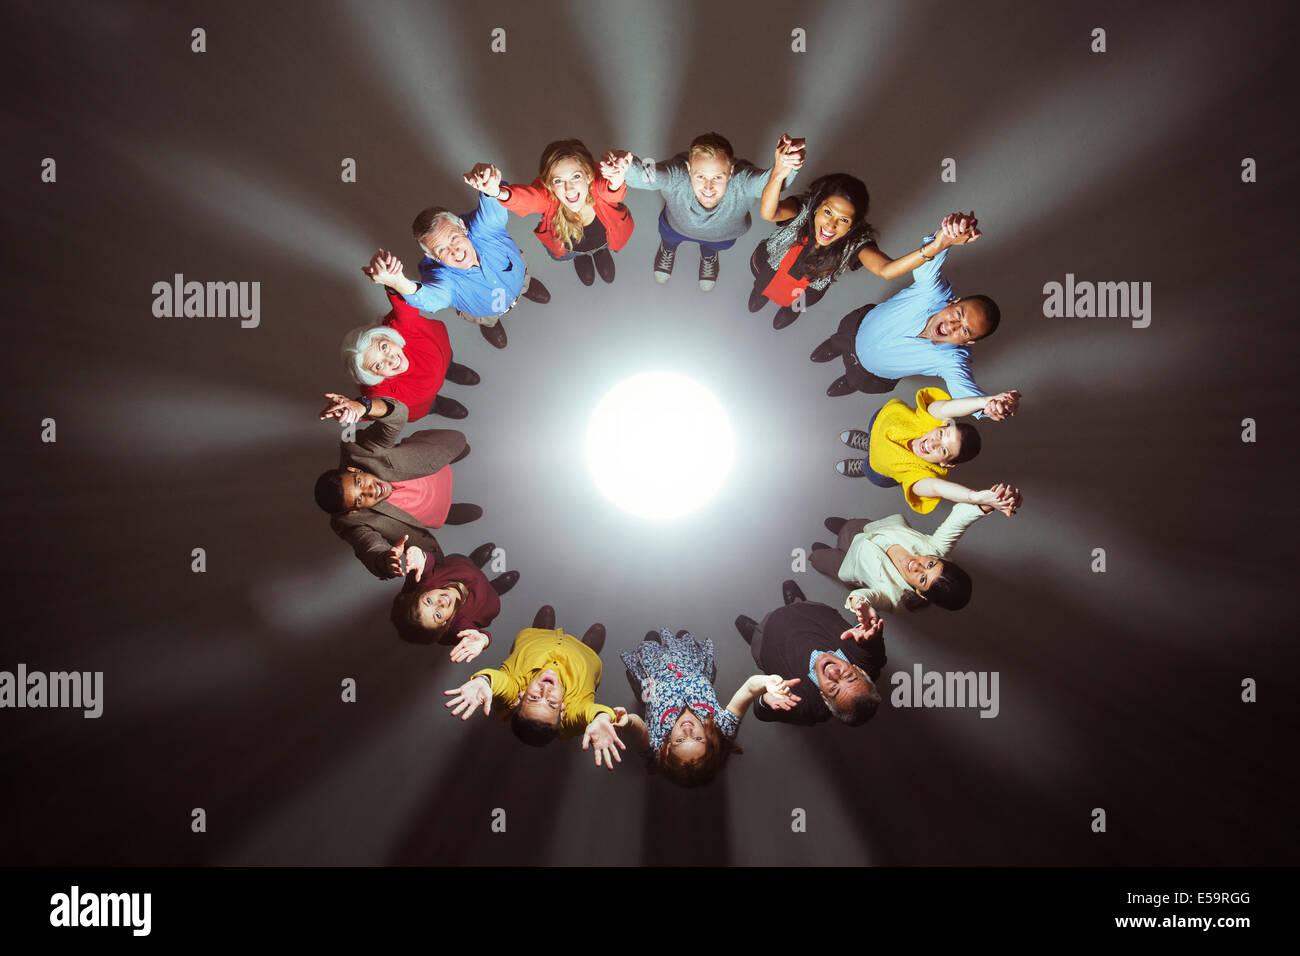 Clientela diversa alrededor de la luz brillante Imagen De Stock